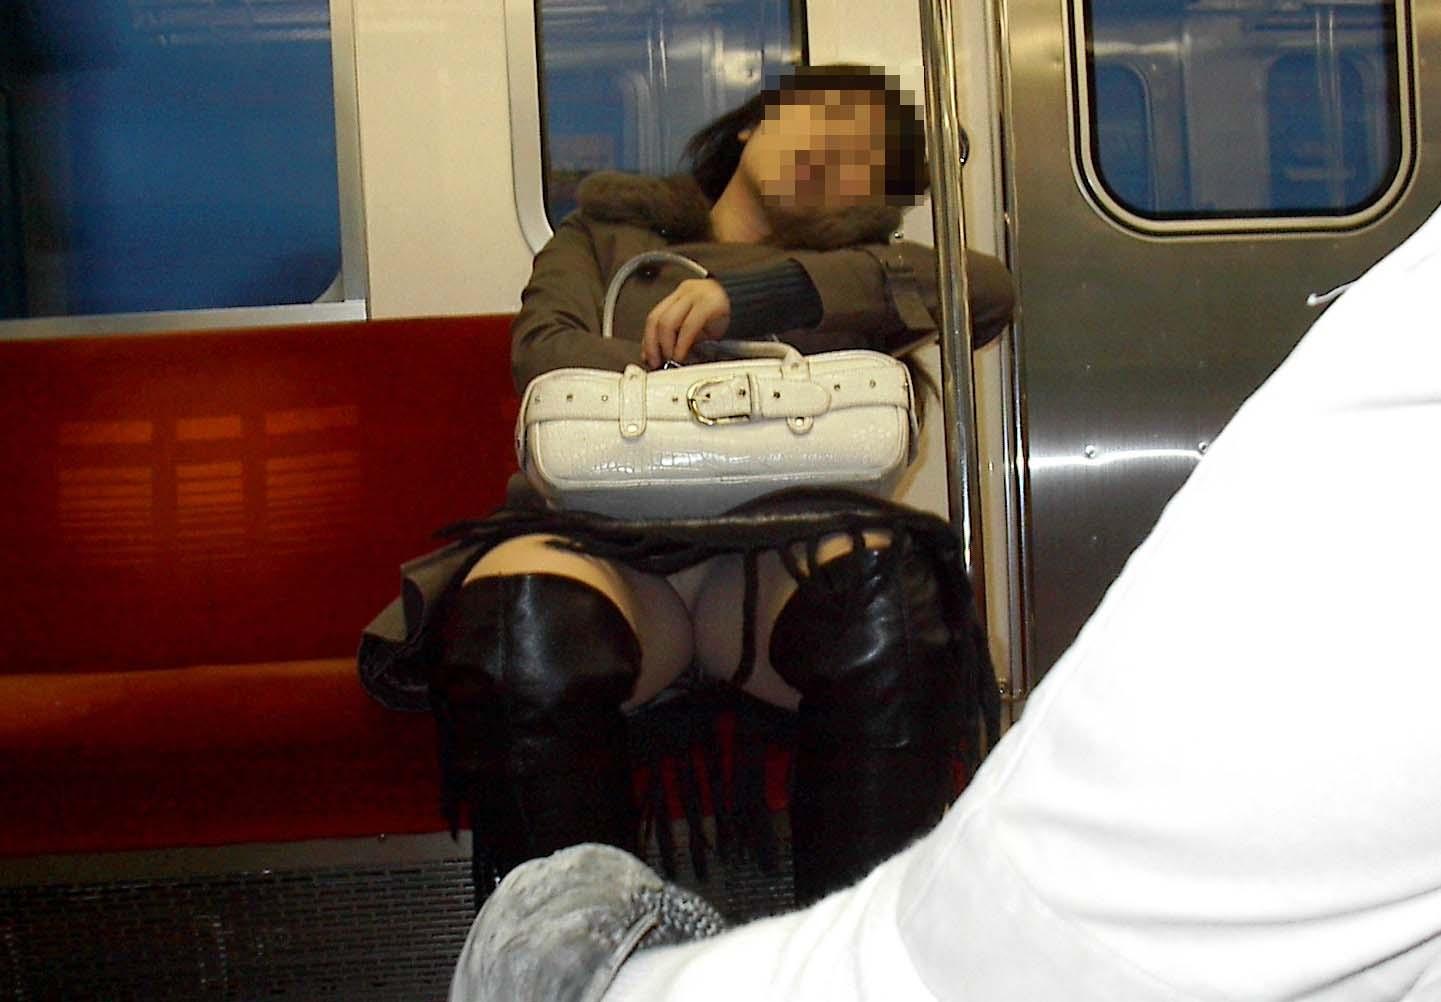 【パンチラエロ画像】対面にいるなら眠れないw電車内で見たいミニの奥www 10